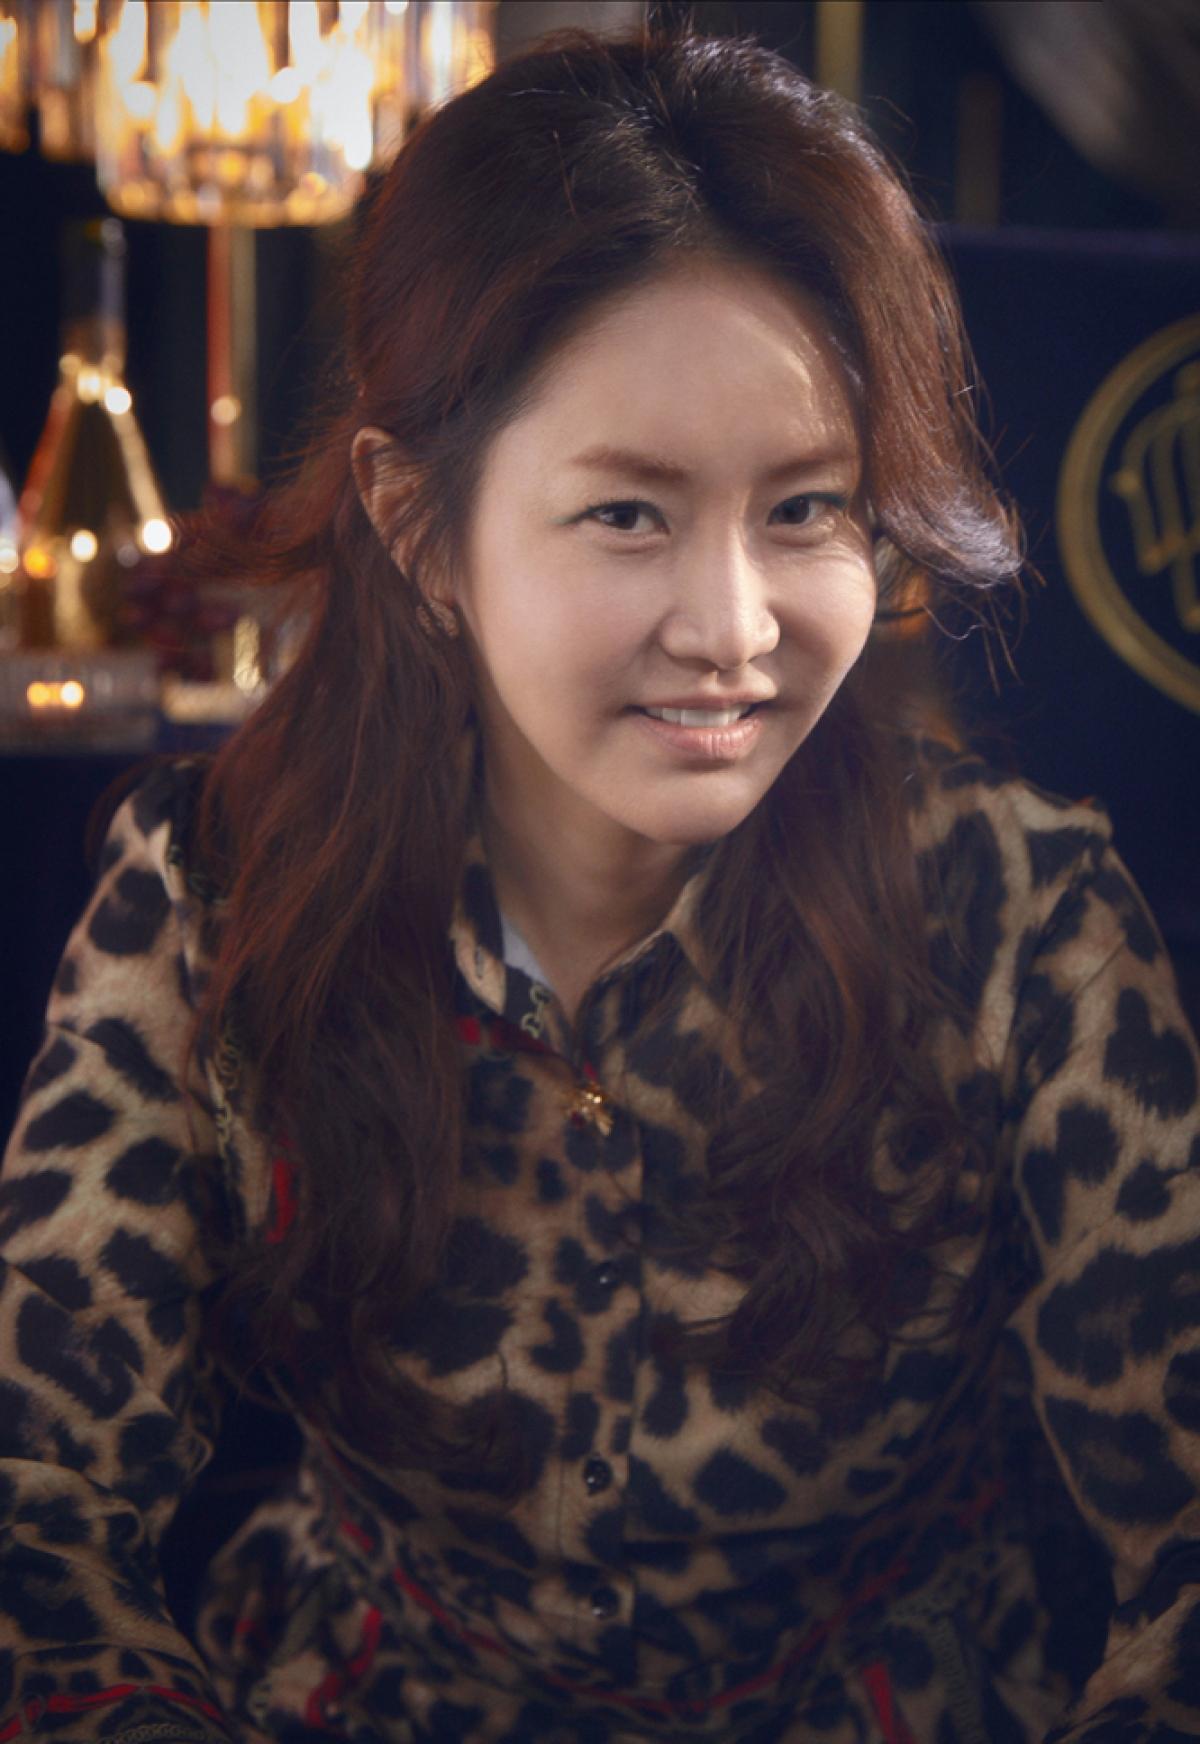 Nhờ sự hỗ trợ của 3 vị phu nhân, Kang Ma Ri trở thànhđồng minh đắc lực của Shim Su Ryeon.